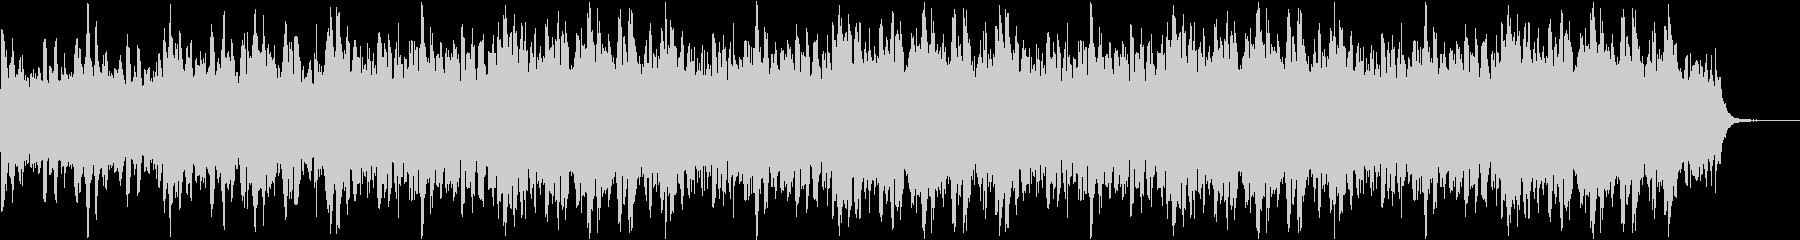 前向きなサウンドの未再生の波形